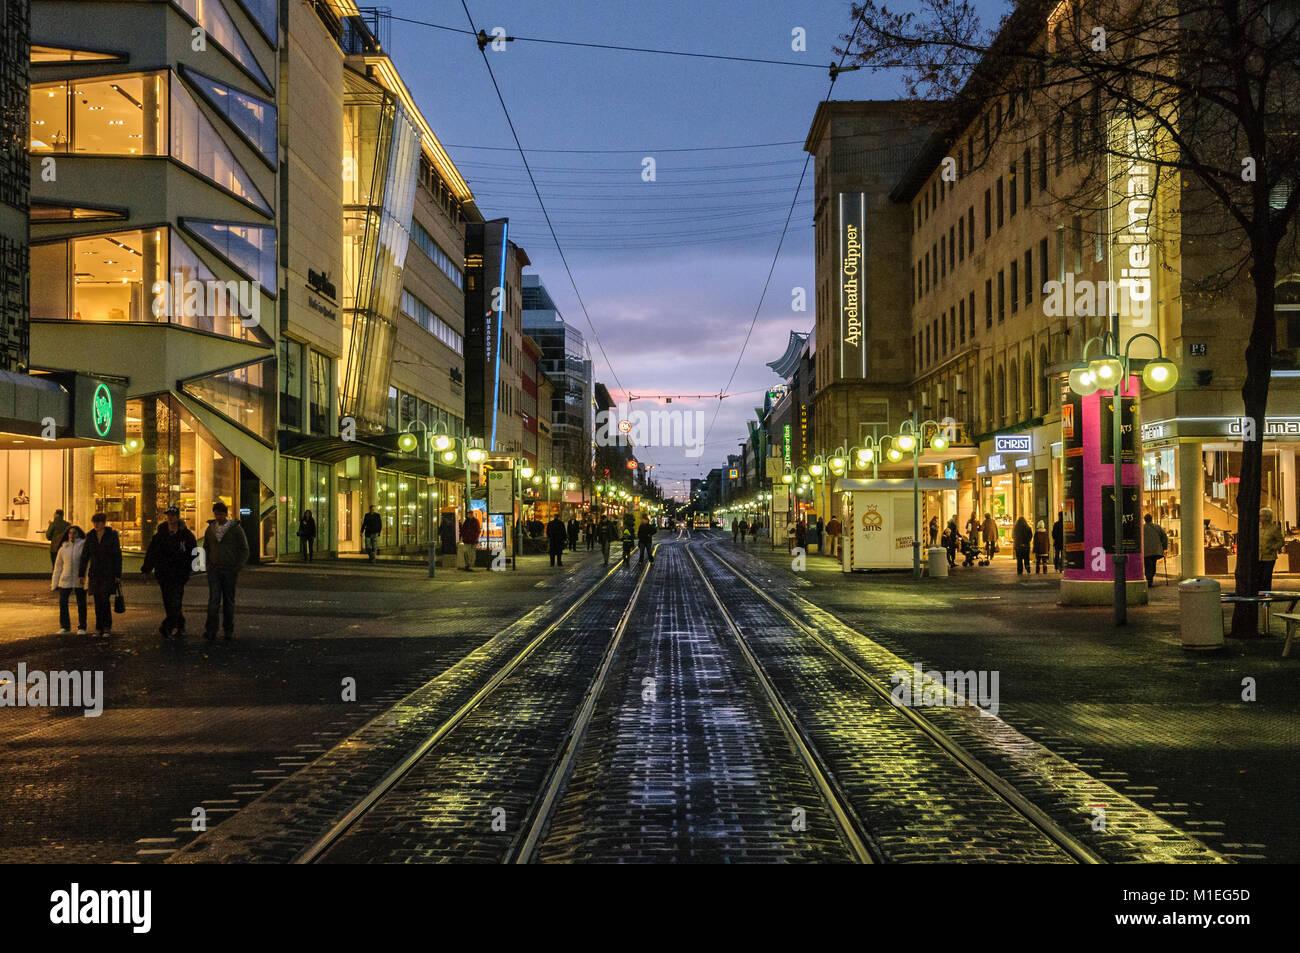 Mannheim, Einkaufsstrasse Planken - Stock Image